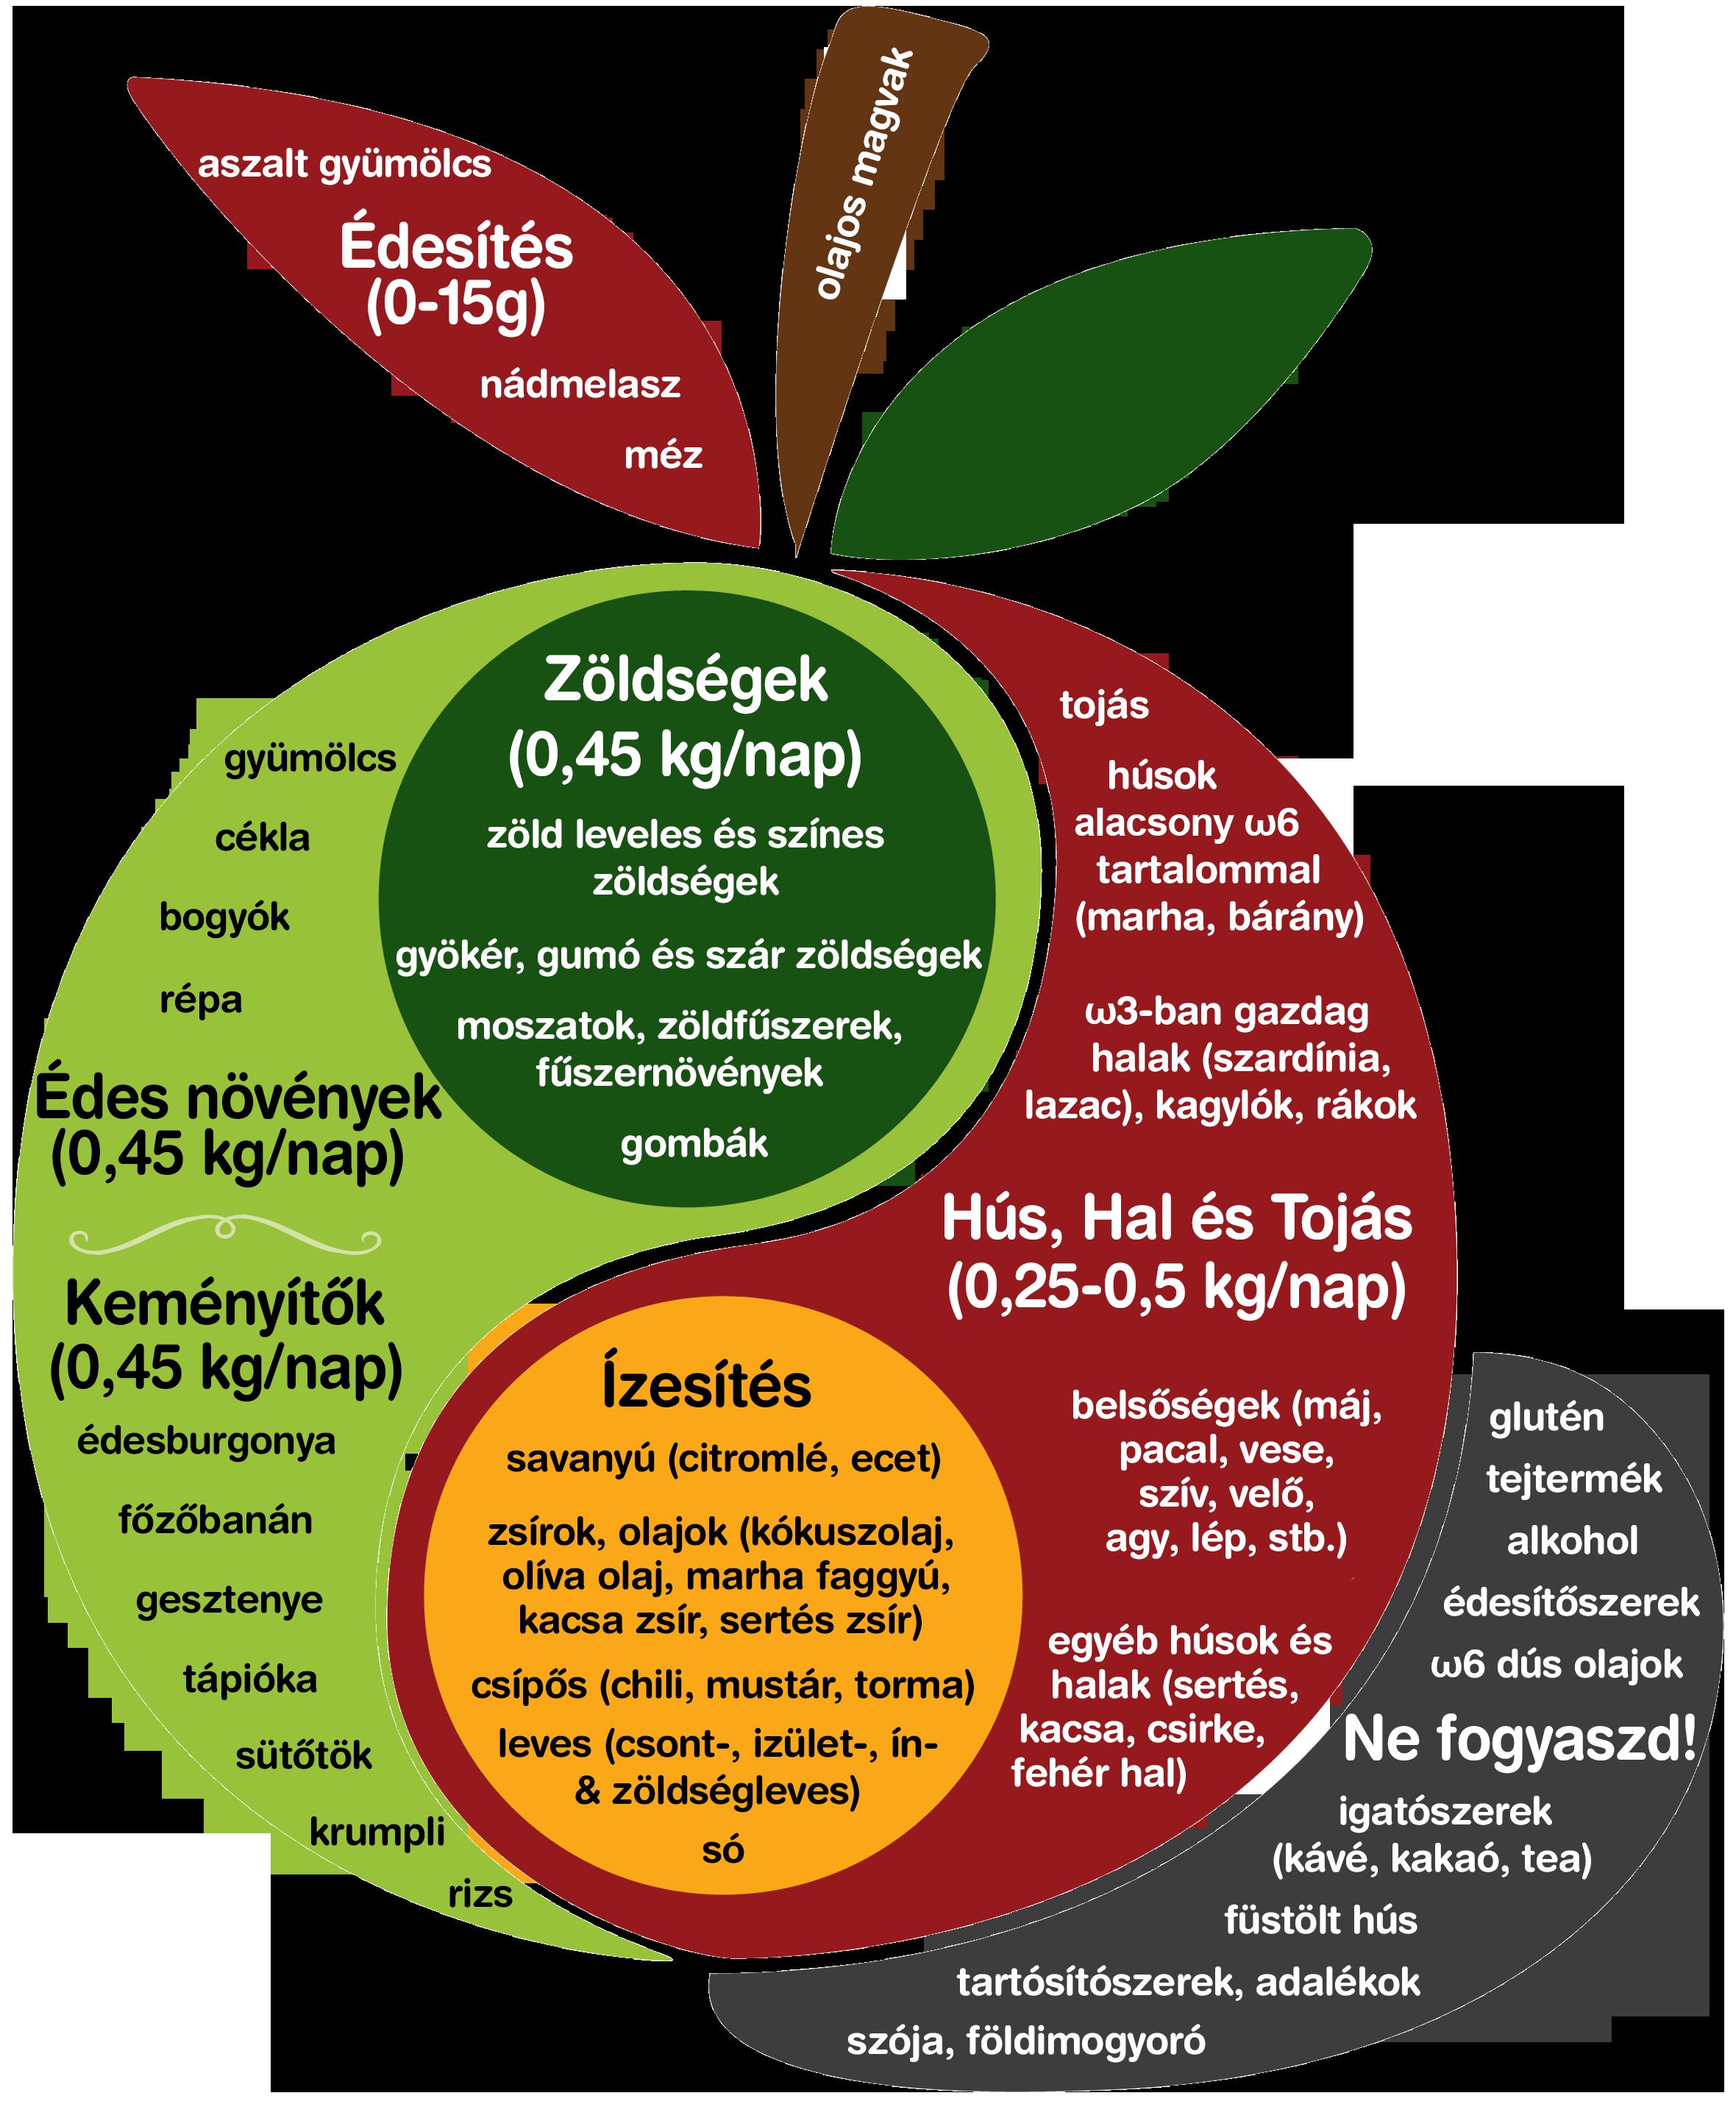 keto dieta receptek magyarul